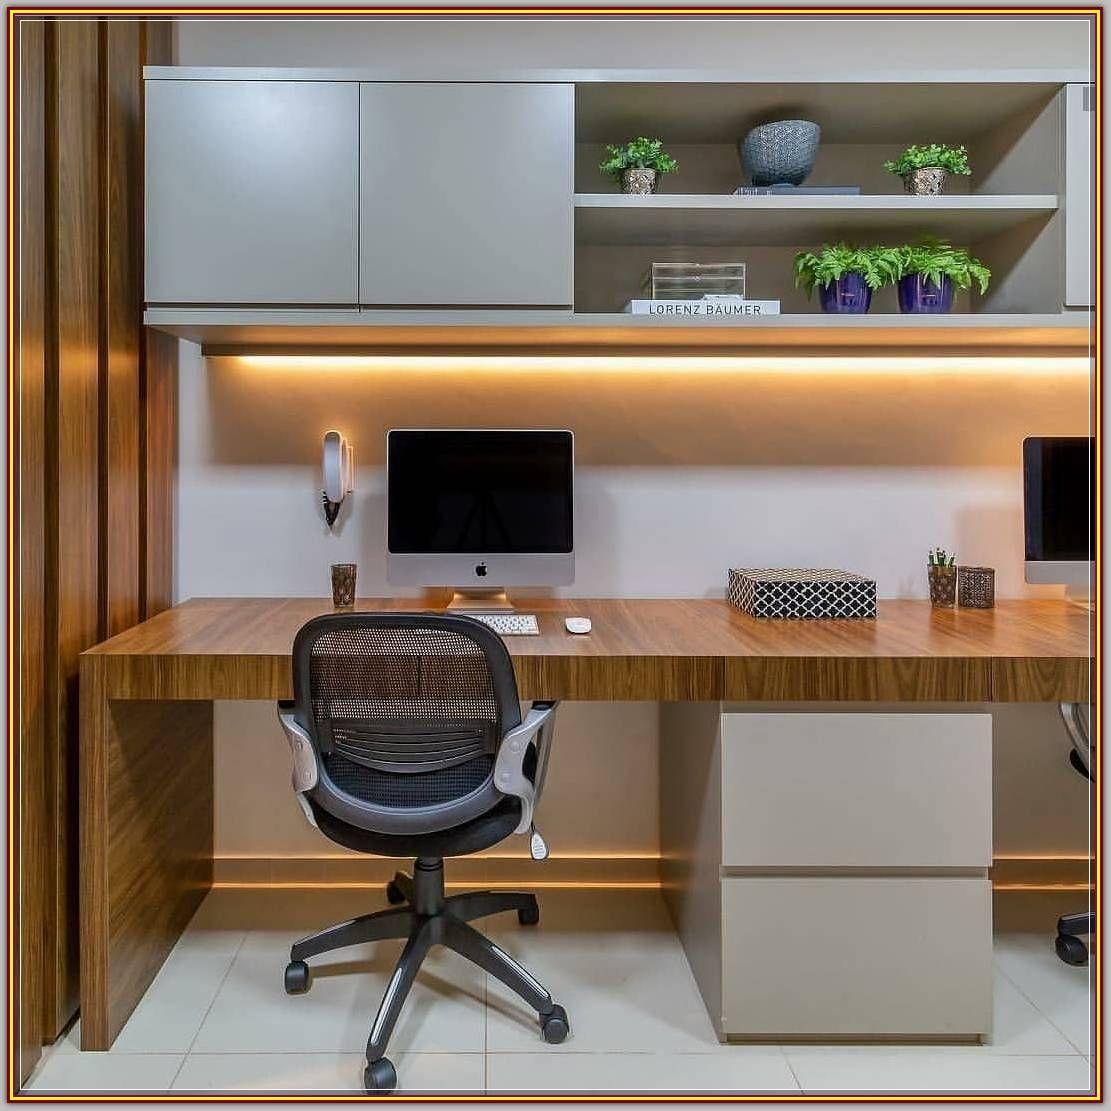 Most Popular Modern Home Office Design Ideas For Inspiration Modern Interior Design Home Office Table Contemporary Home Office Home Office Design